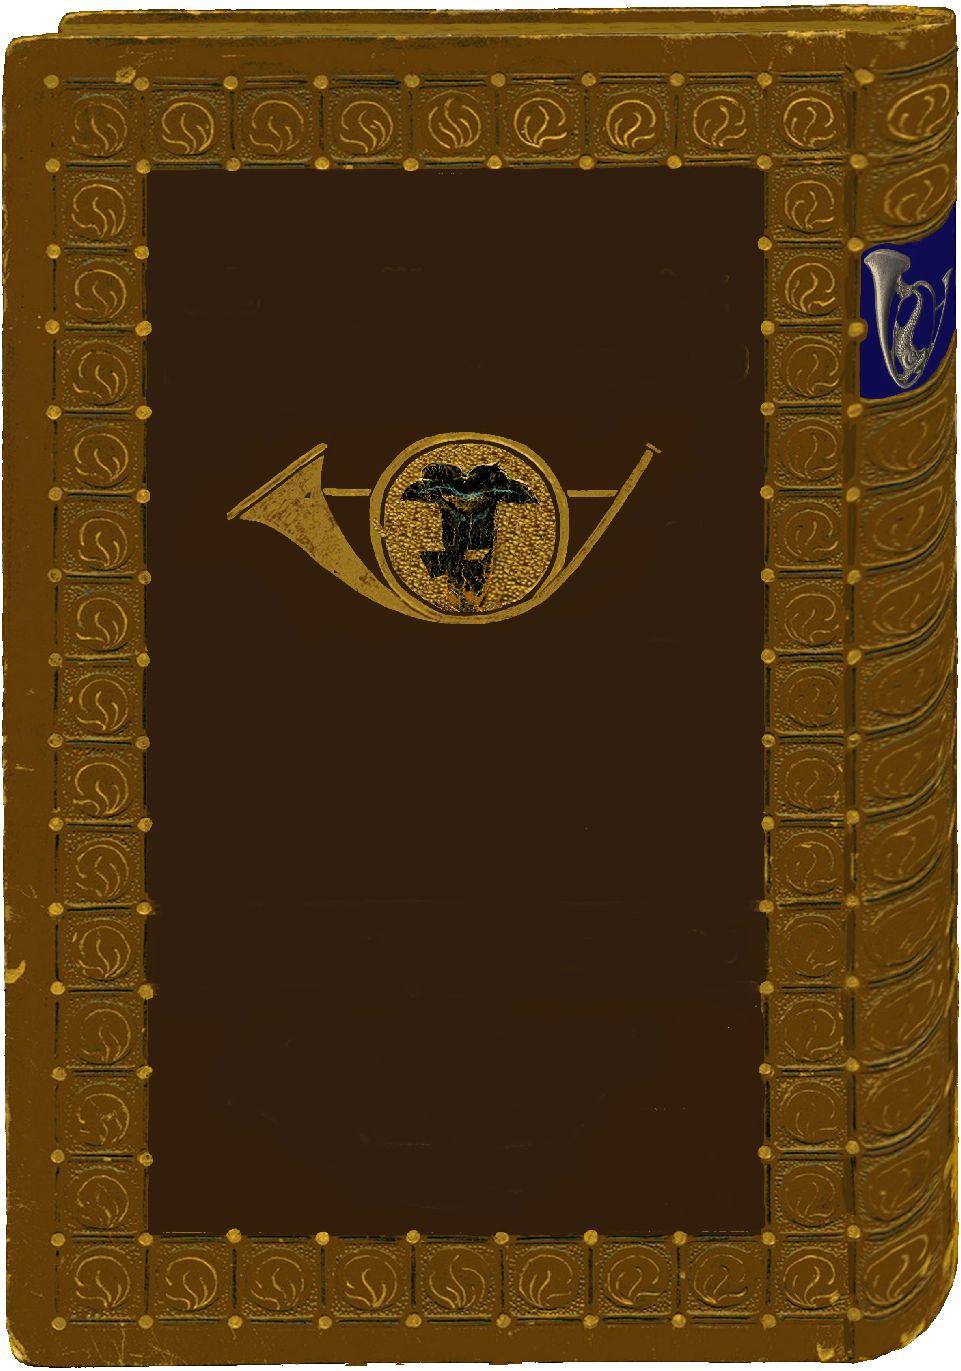 L'Historique du 14e Bataillon de Chasseurs. 1854 - 1962 Page_105